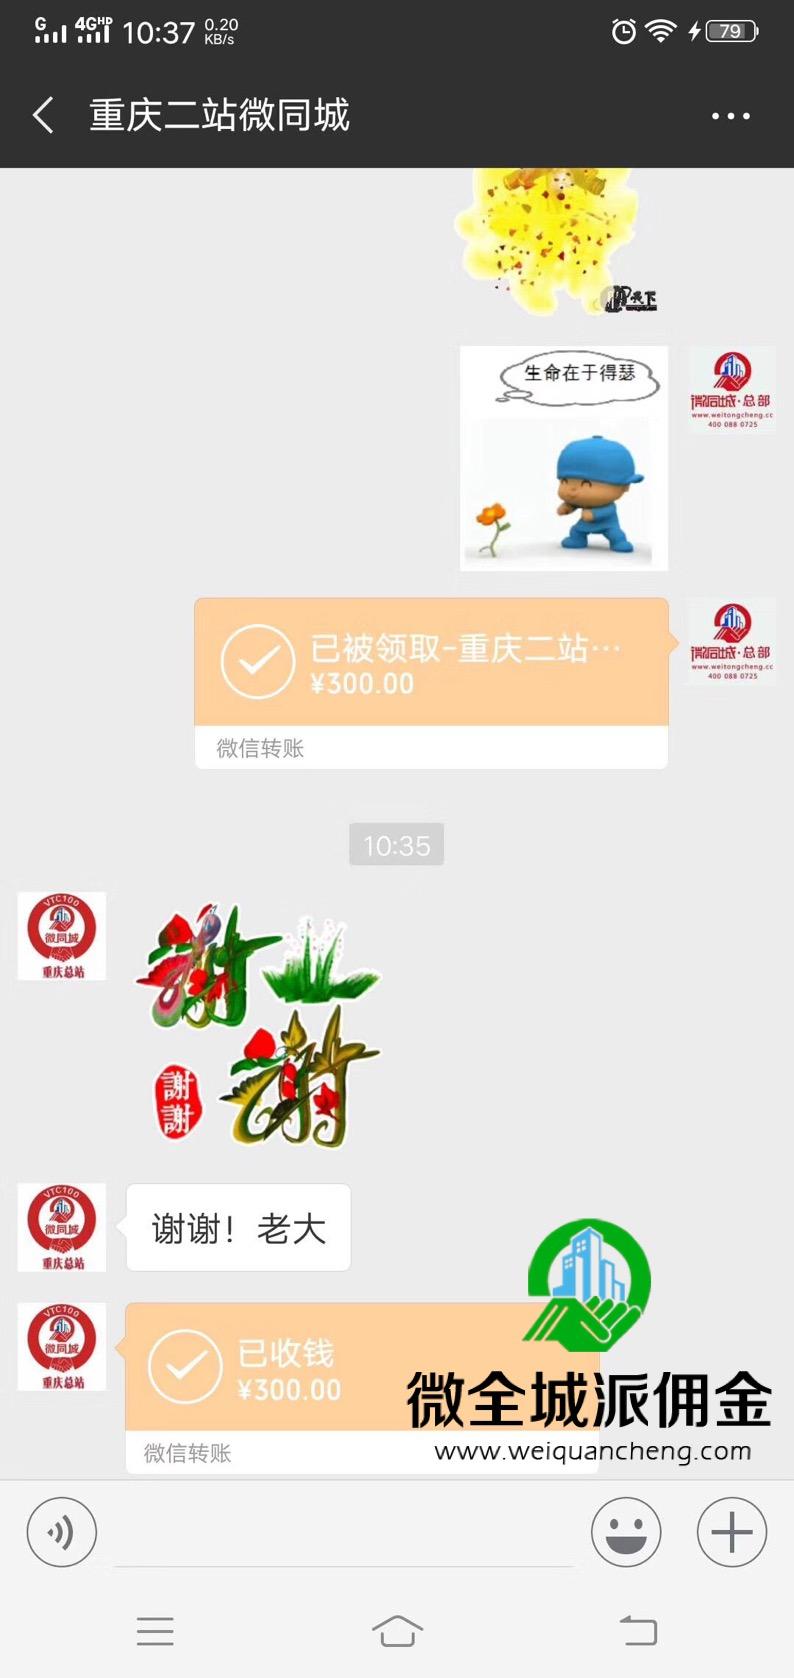 【赚300元】重庆微全城微帮二站广告佣金